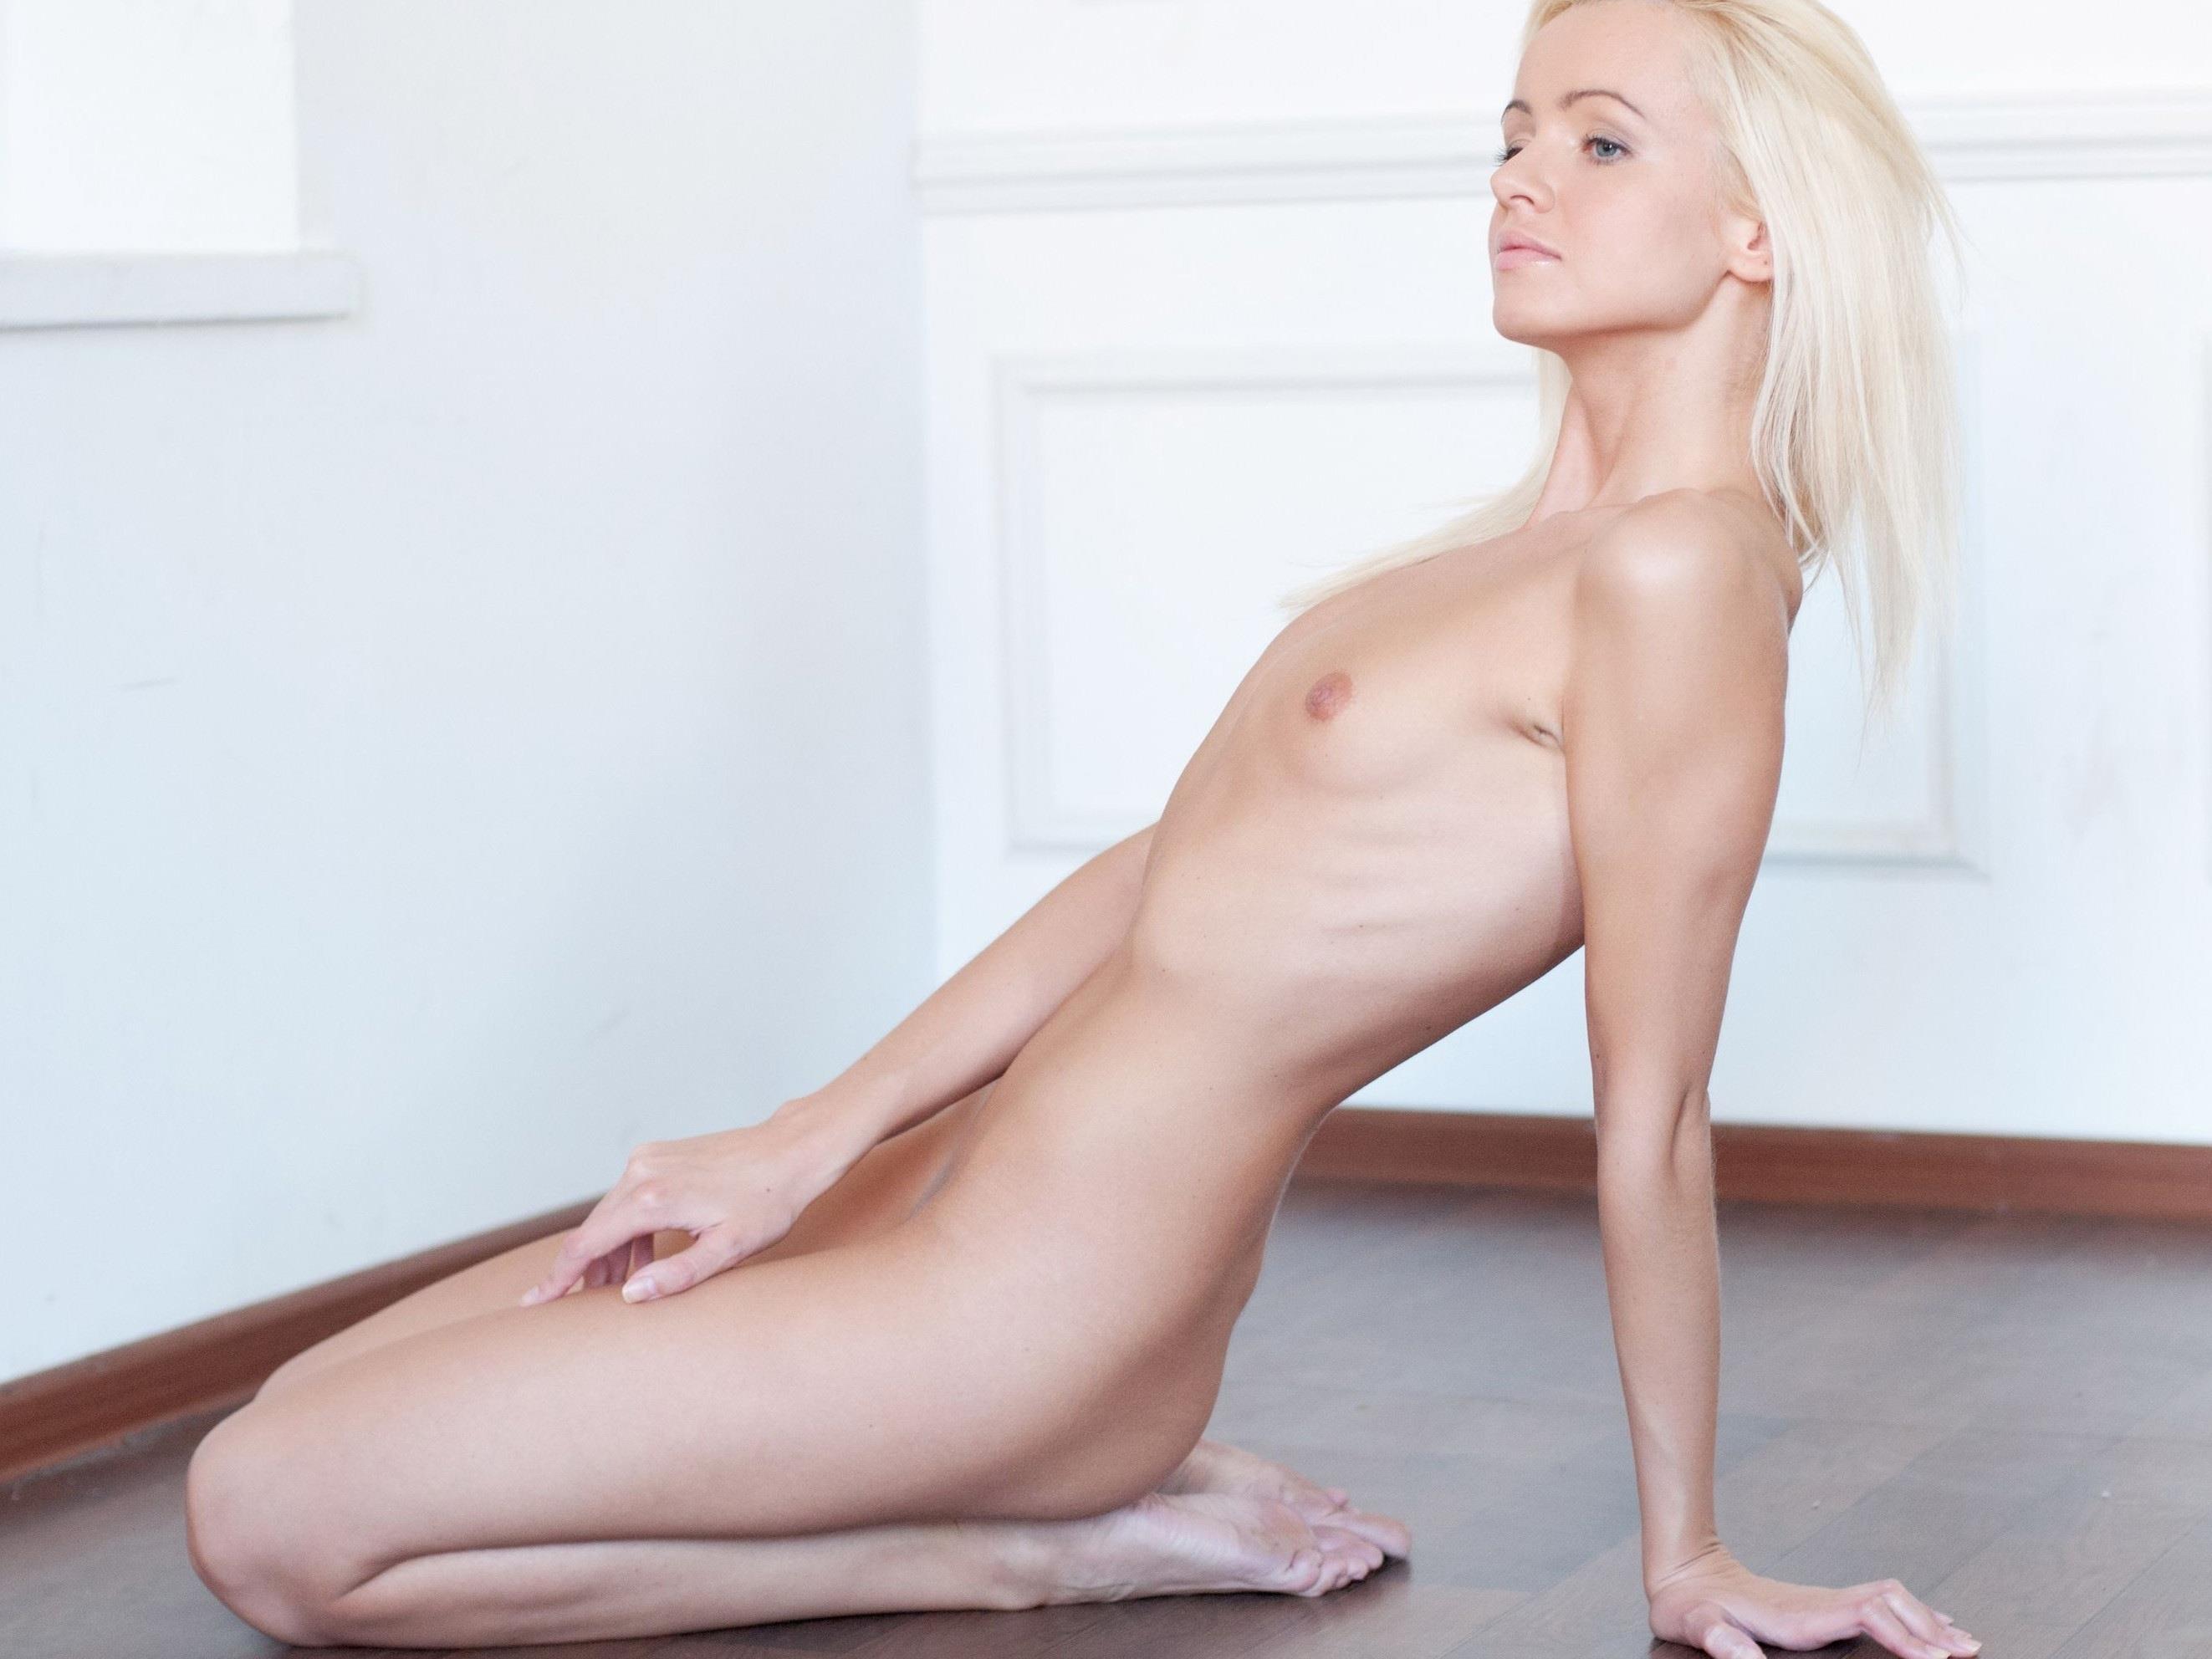 白人ブロンド美女の貧乳エロ画像 30